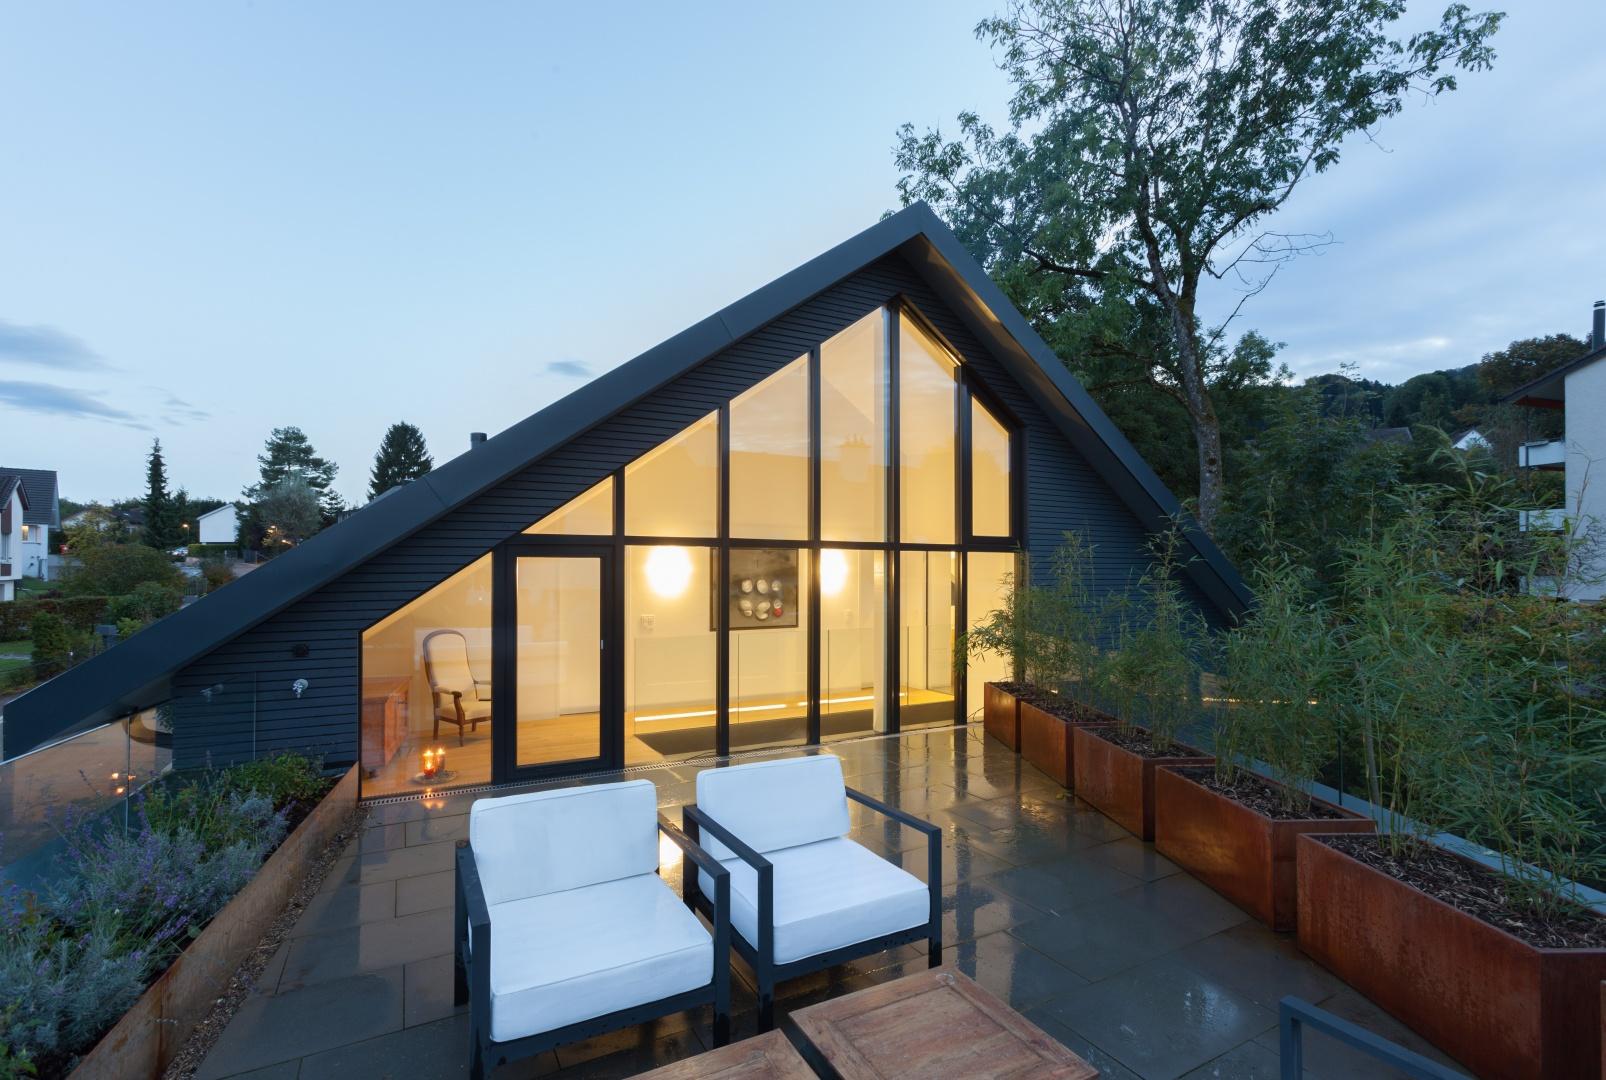 Dachterrasse © von Mann Architektur GmbH, Sonnenhofstrasse 2, 8132 Egg